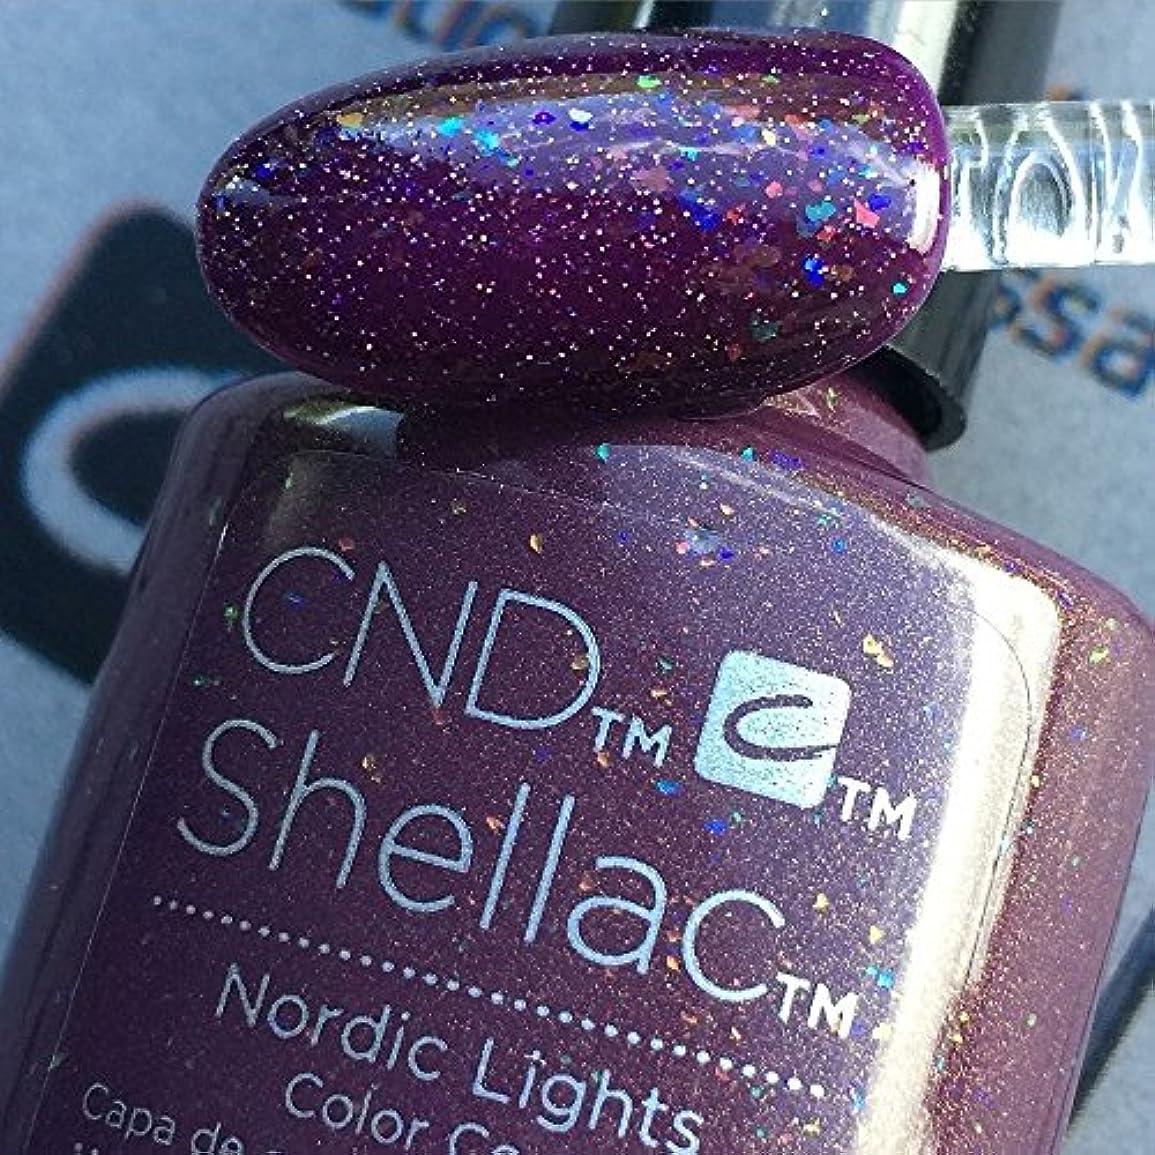 小川いたずらな上級CND シェラック UV カラーコート 211 ノルディックライト Nordic Lights 7.3ml